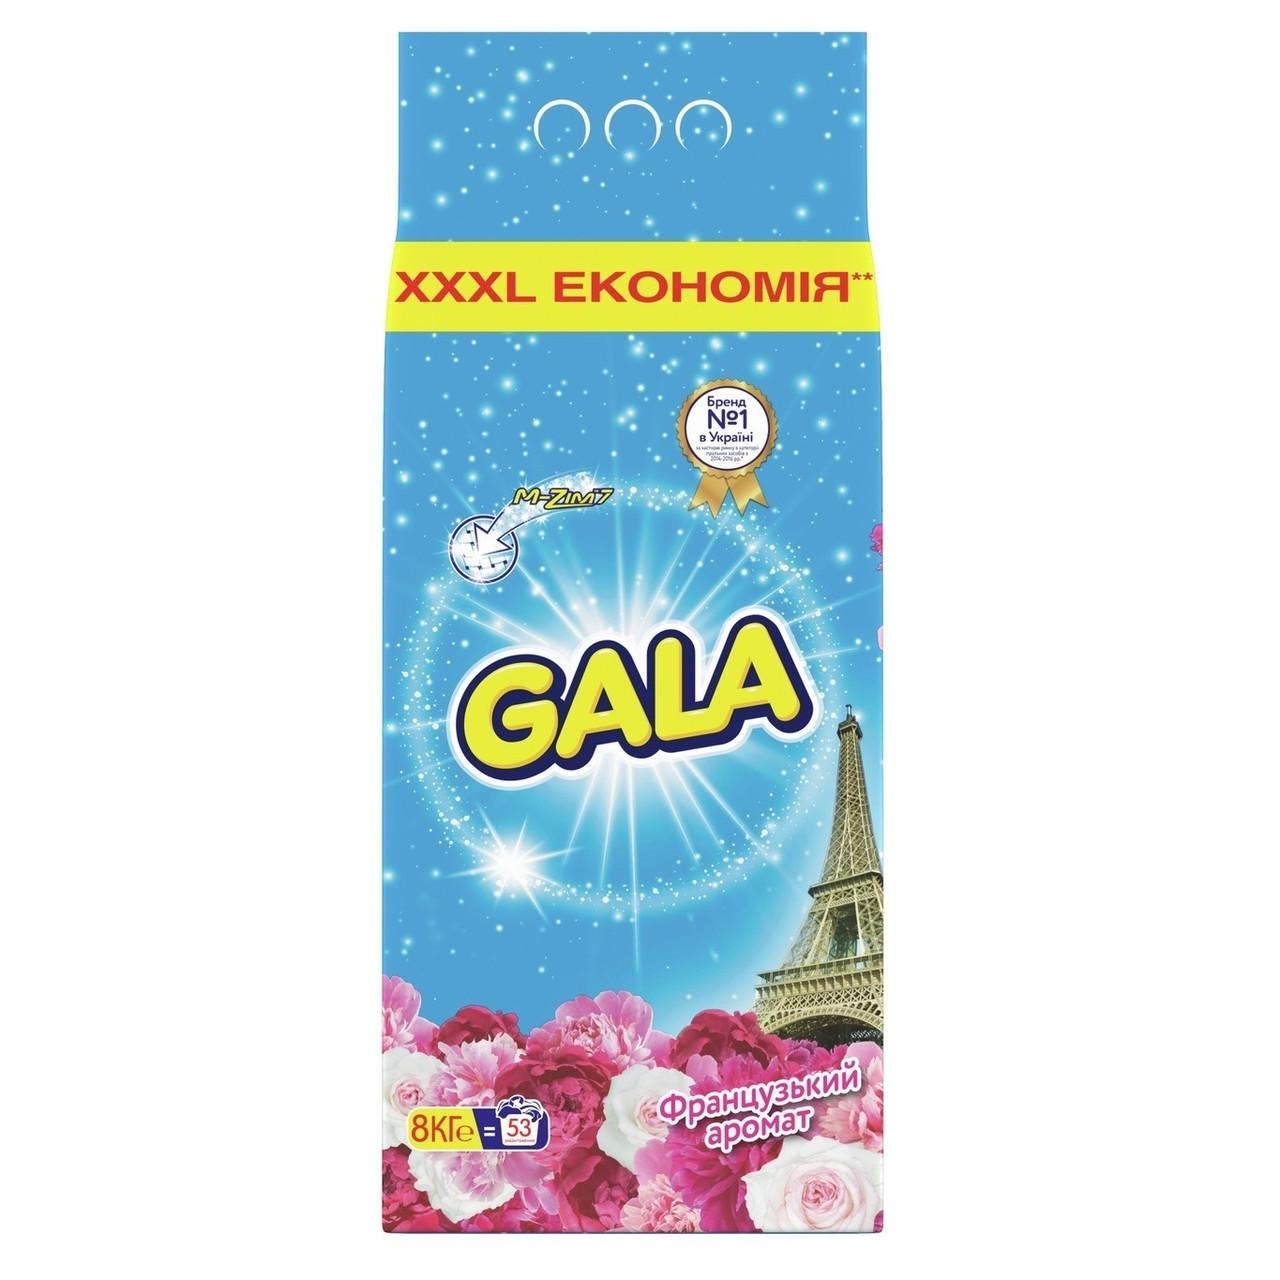 Порошок стиральный Gala 8кг автомат